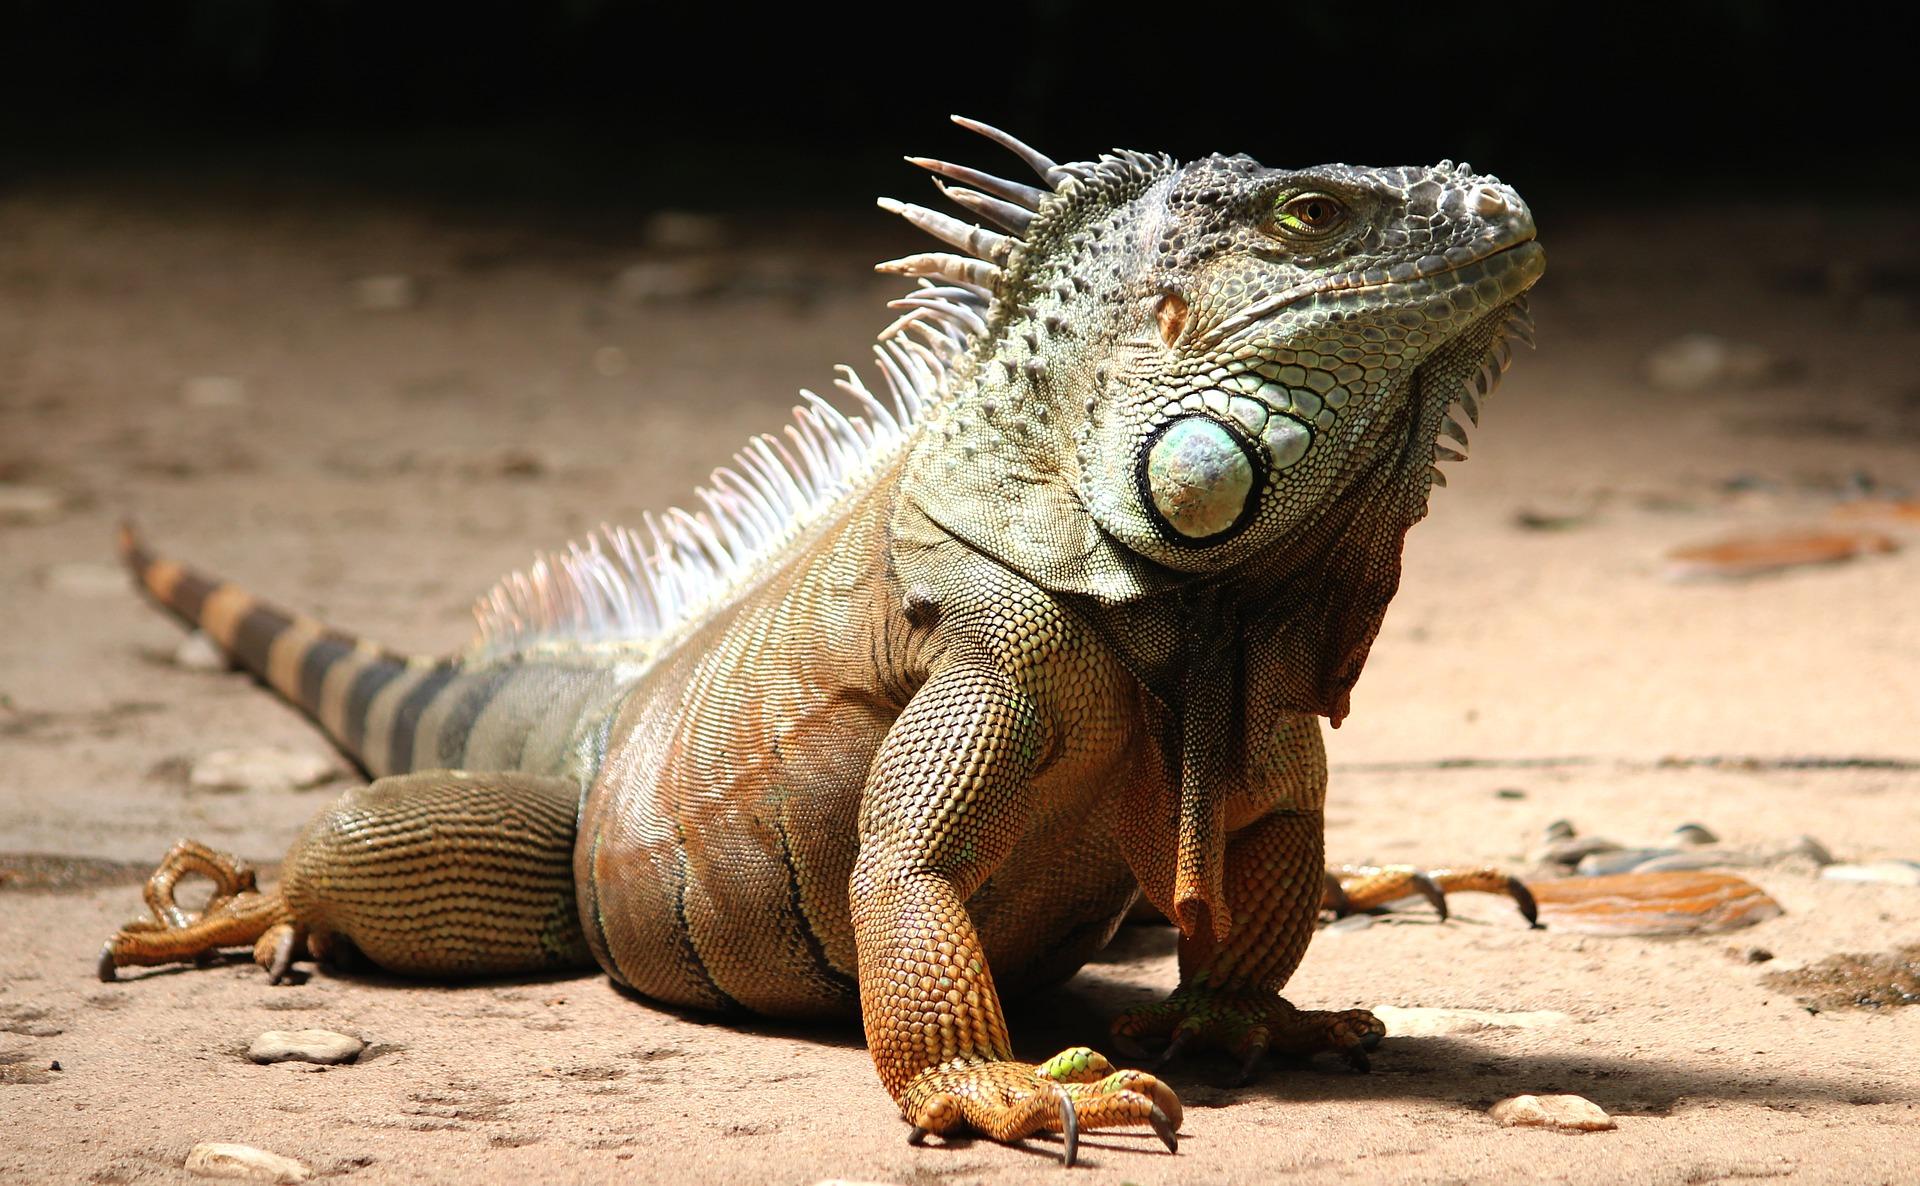 【飼育方法】一般的なトカゲの飼育に関して【爬虫類】